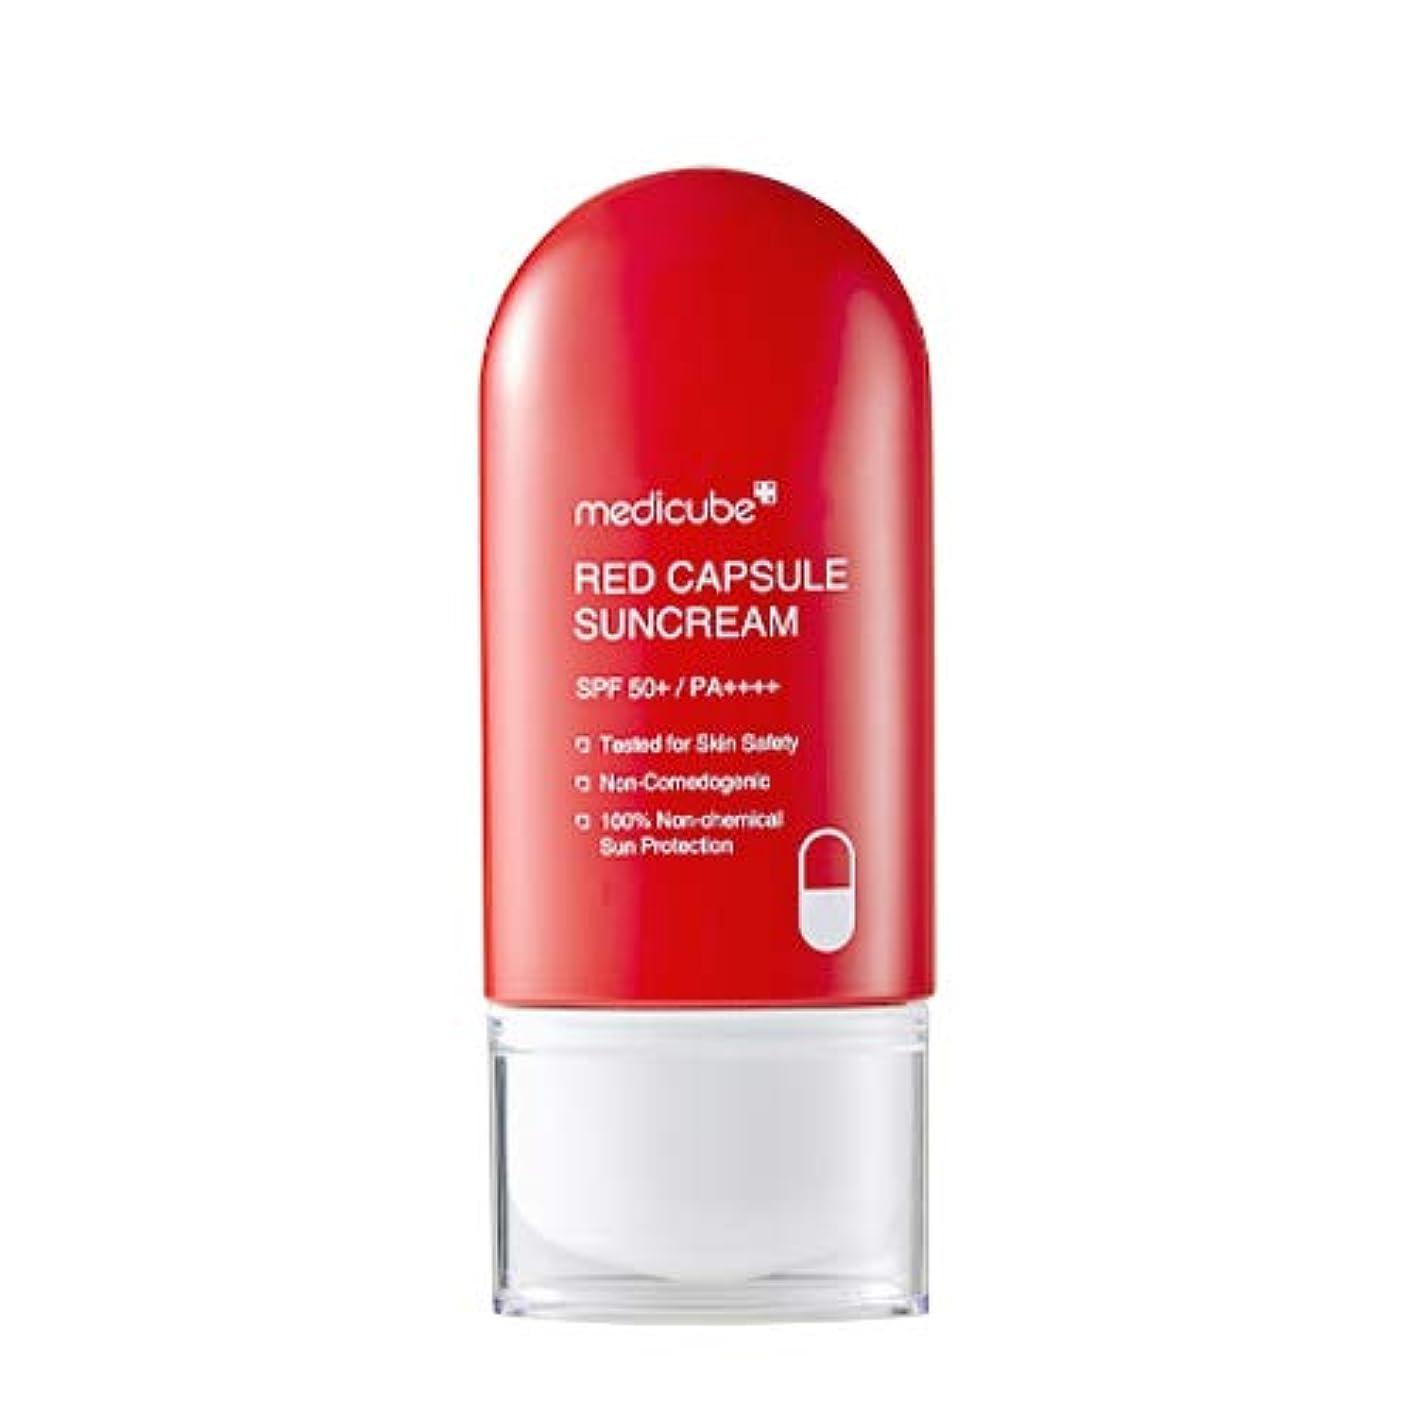 離れた言い換えるとマニアメディキューブ日本公式(medicube) レッドカプセルサンクリーム MEDICUBE RED CAPSULE SUNCREAM 30g